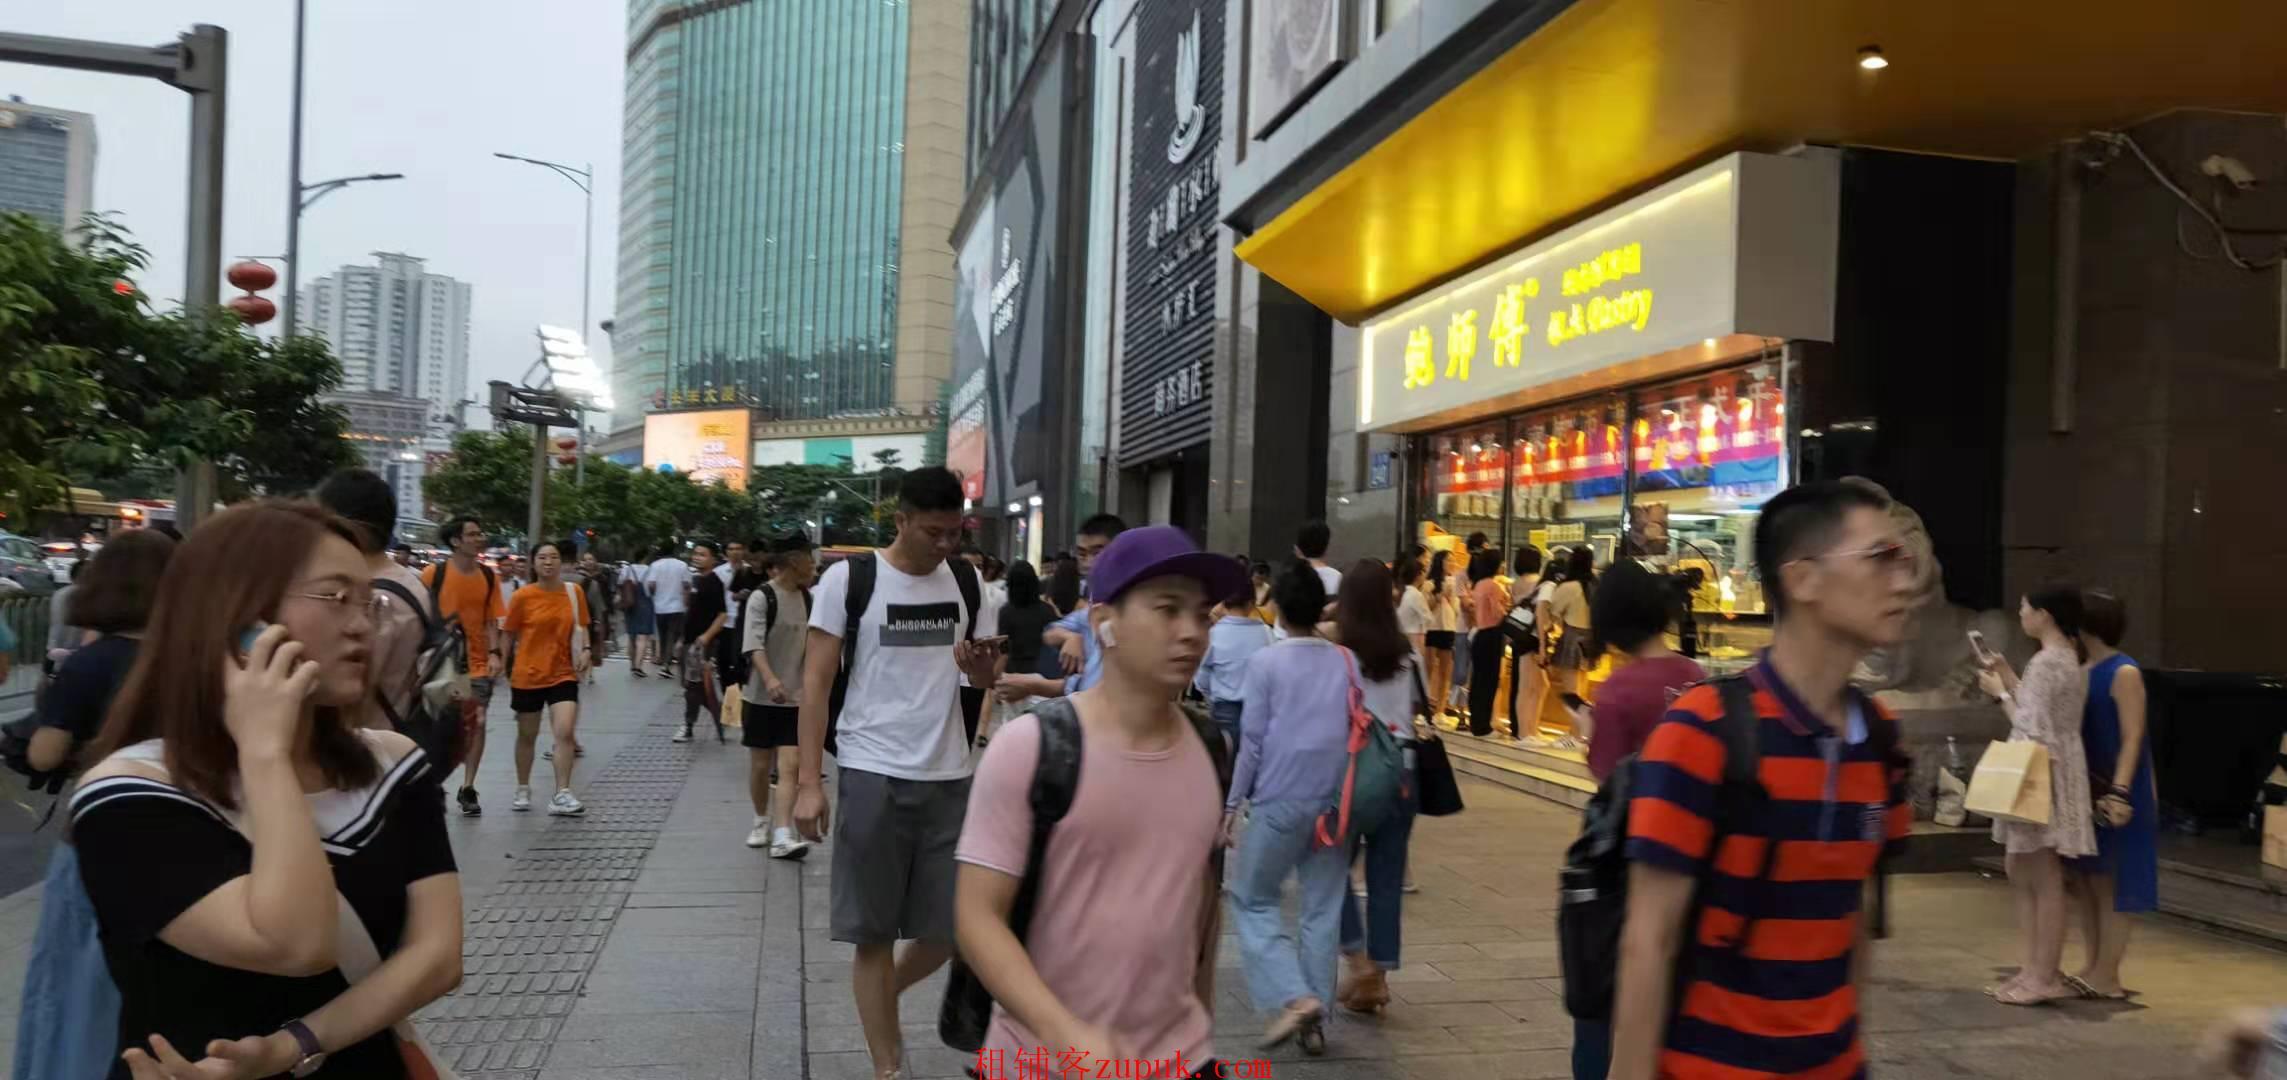 中山八路,街1楼店铺人超多,可做各种小吃饭食点心,生意好做